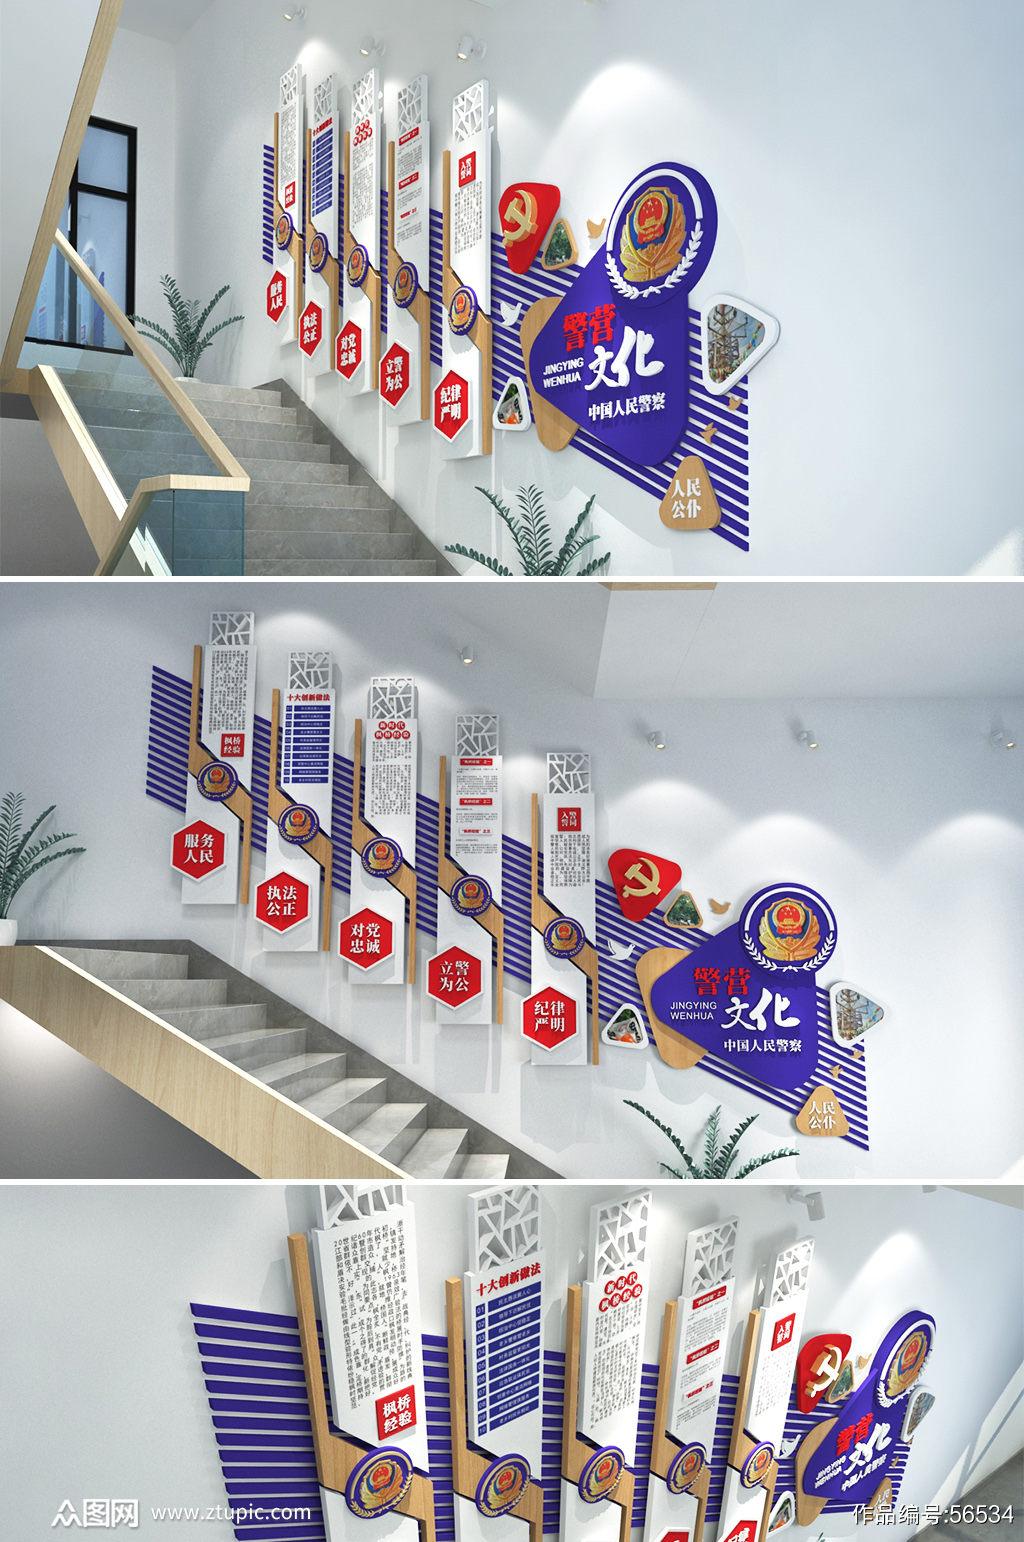 木纹几何警察楼梯文化墙素材